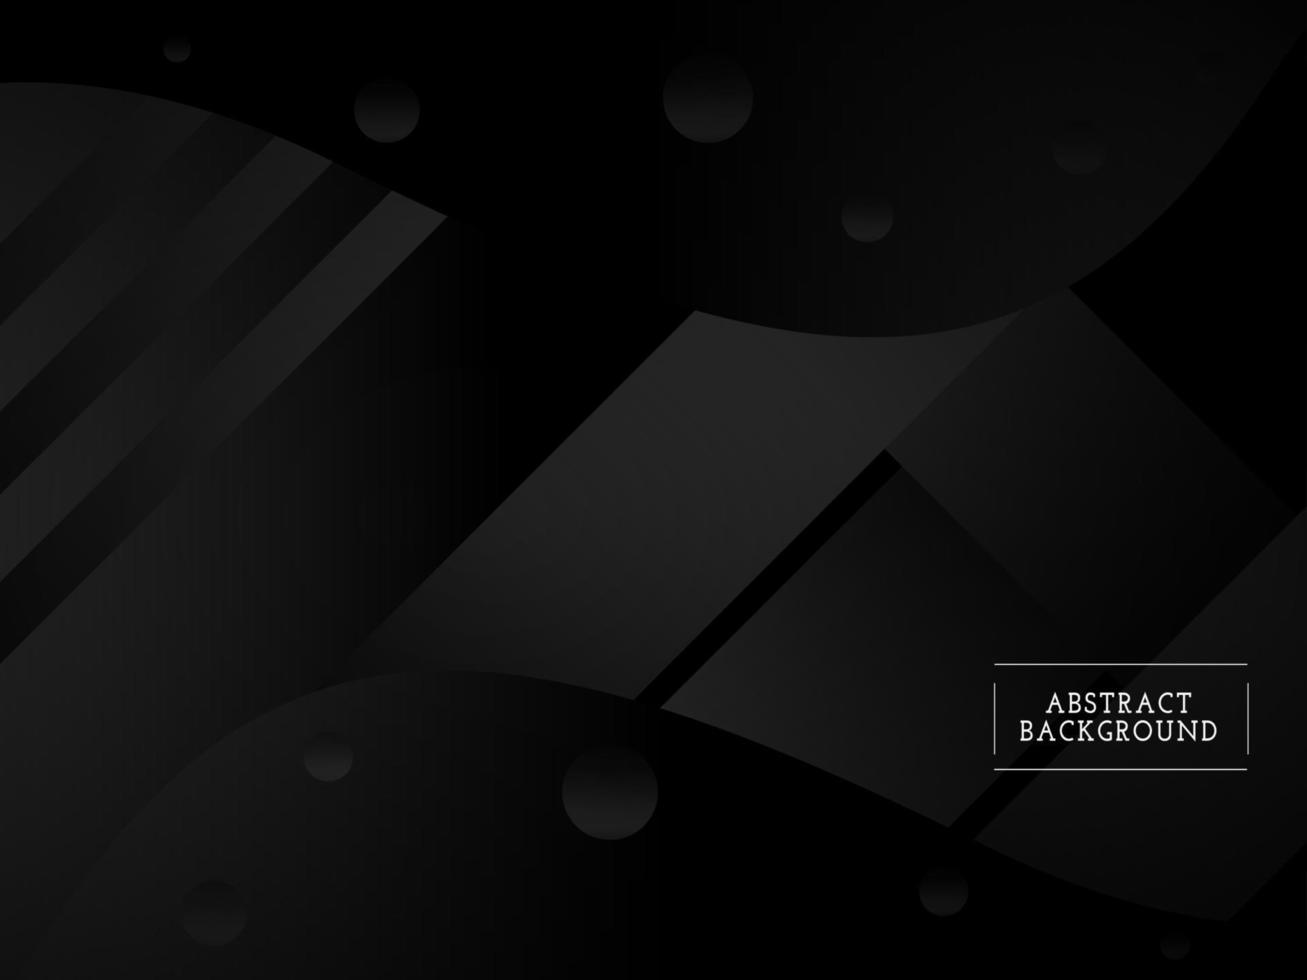 patrón de diseño elegante de fondo abstracto negro geométrico oscuro vector